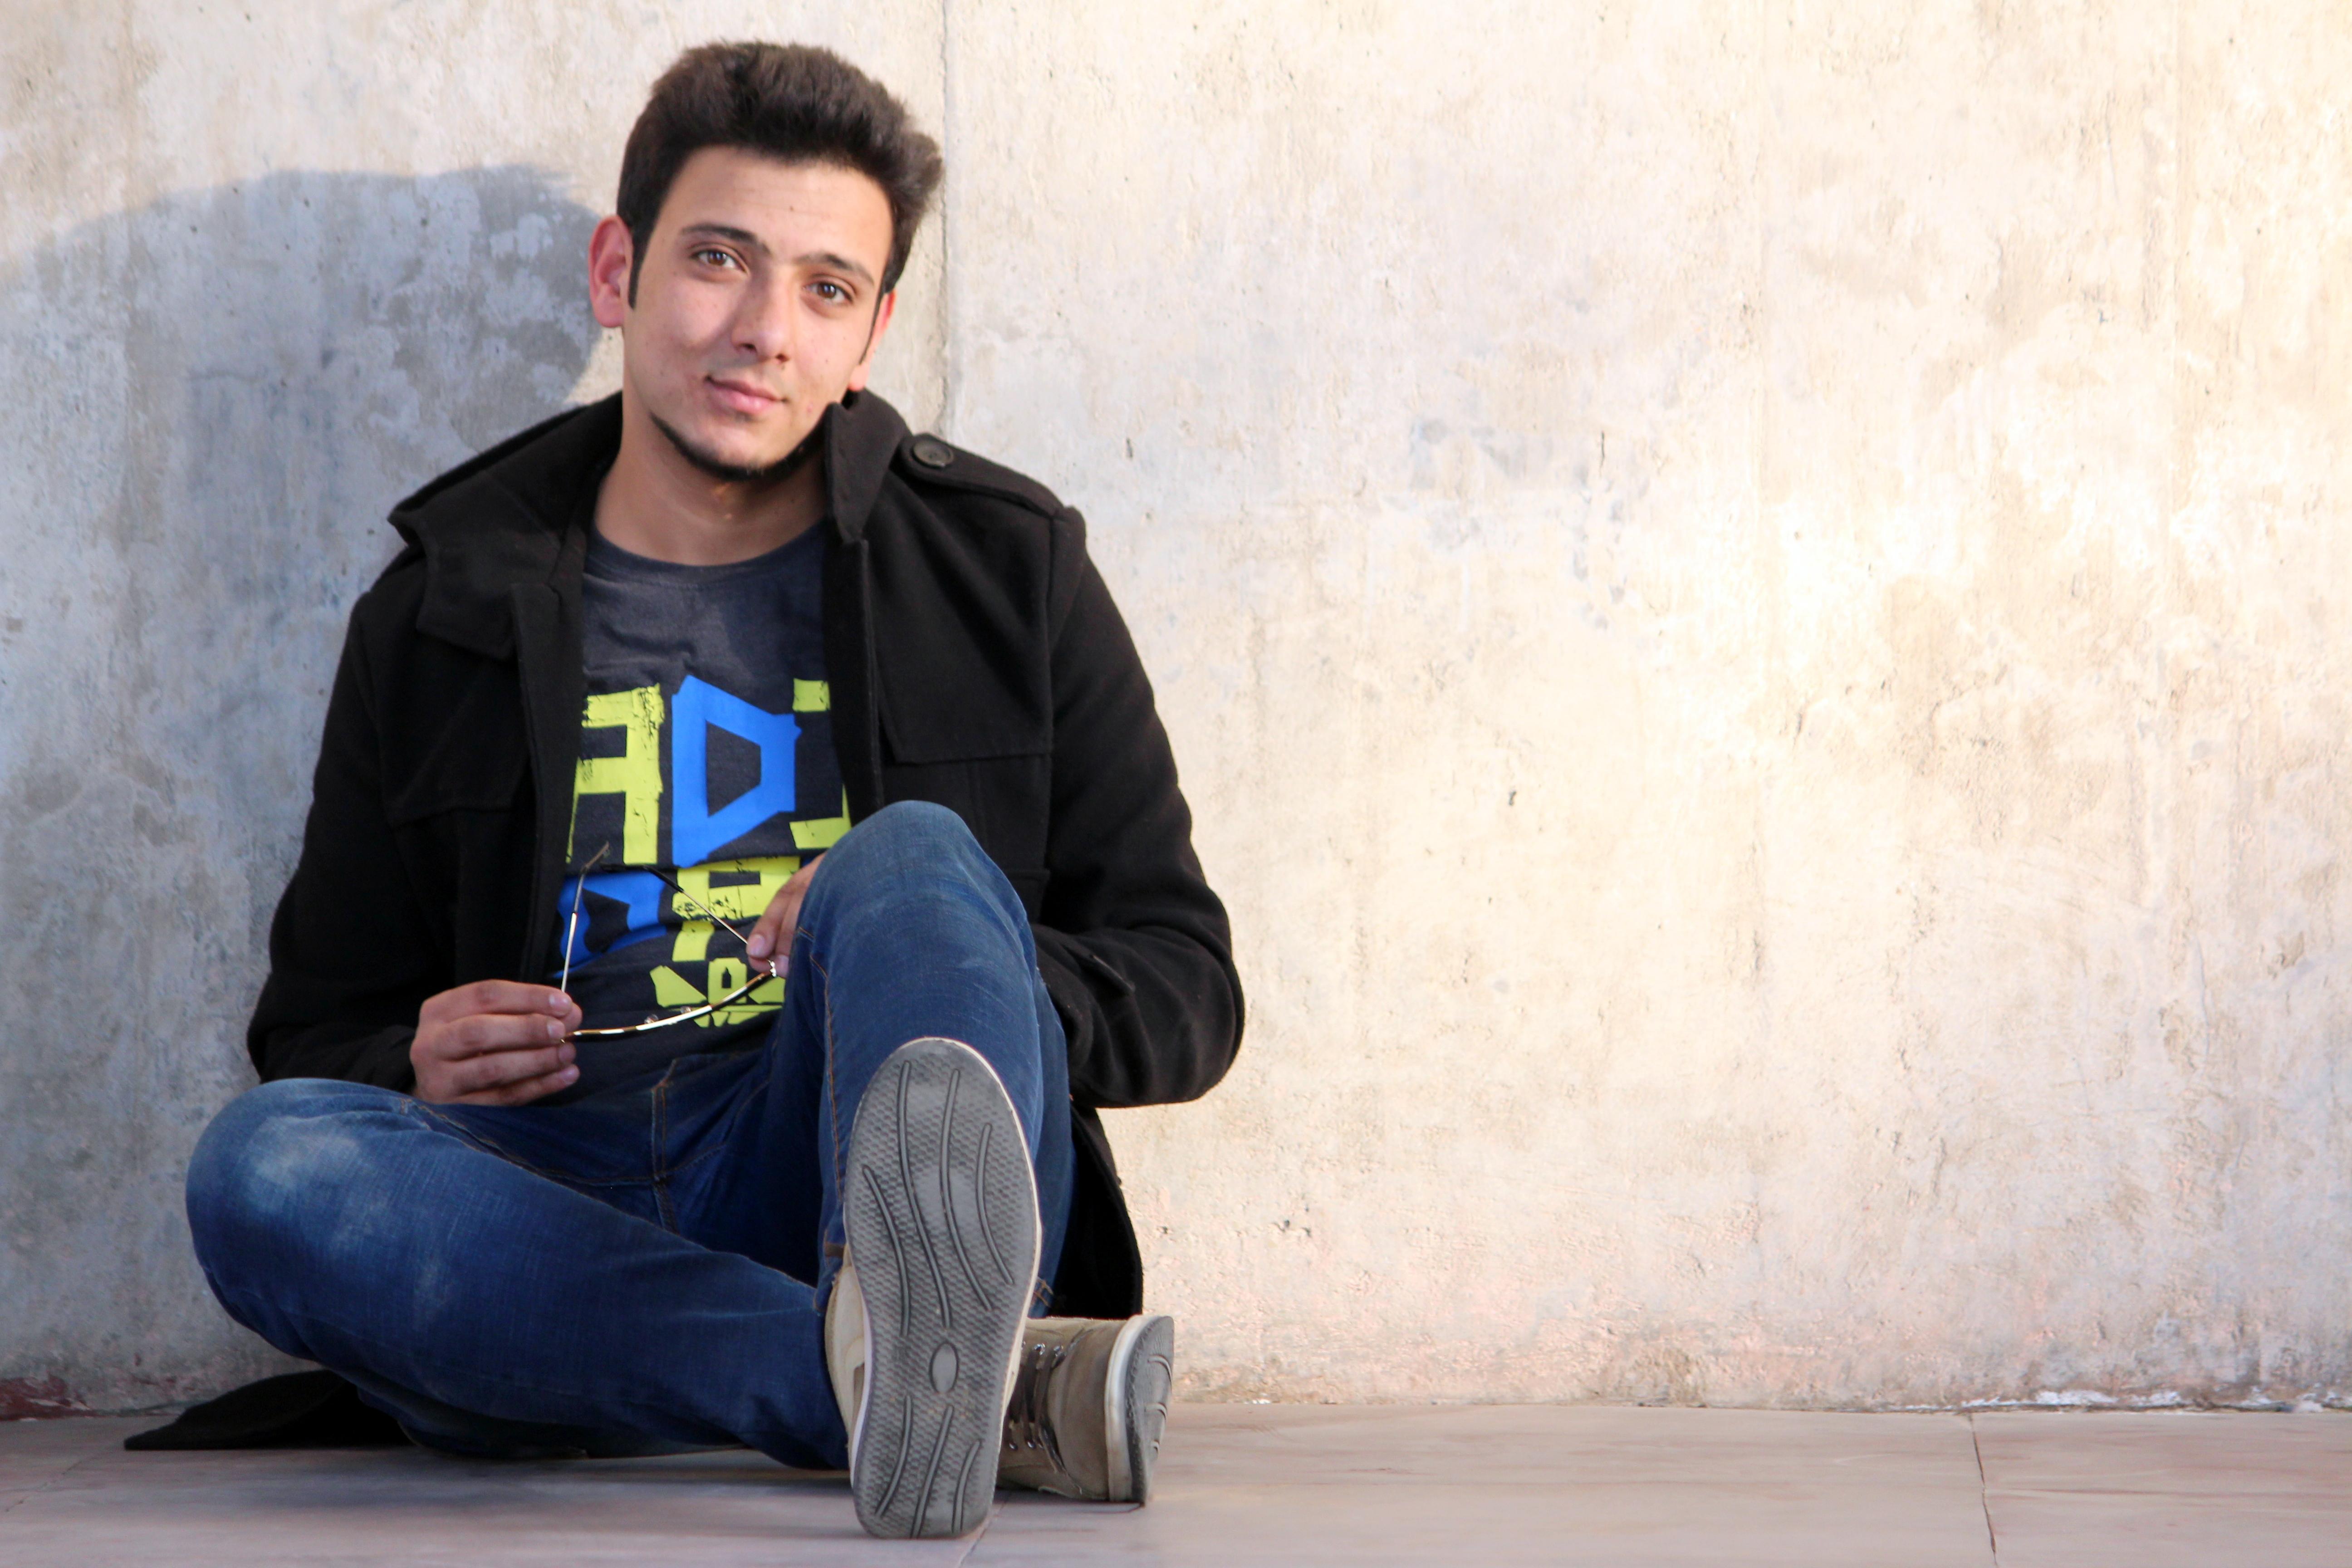 Saqib Bhat